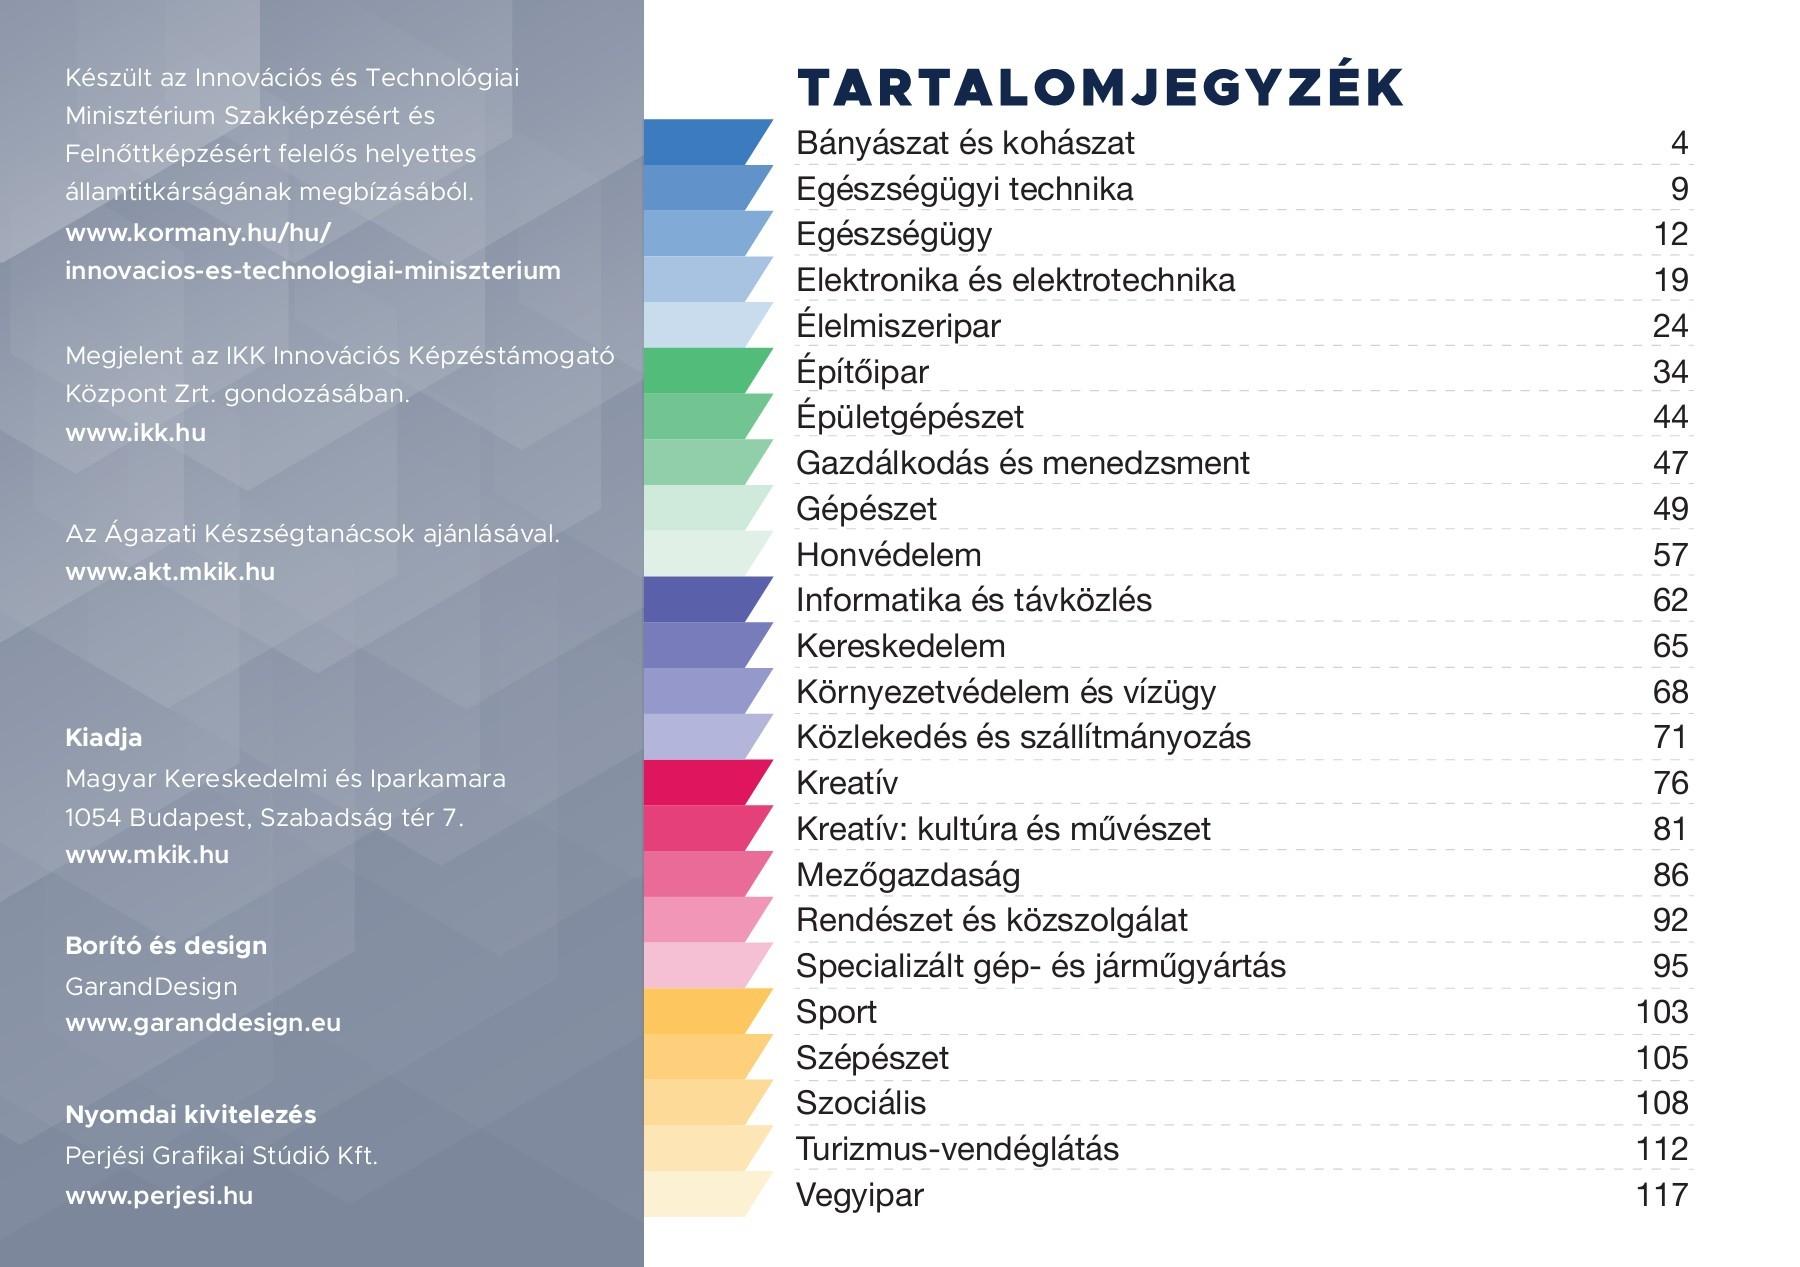 ízületek művészeti előkészítése)